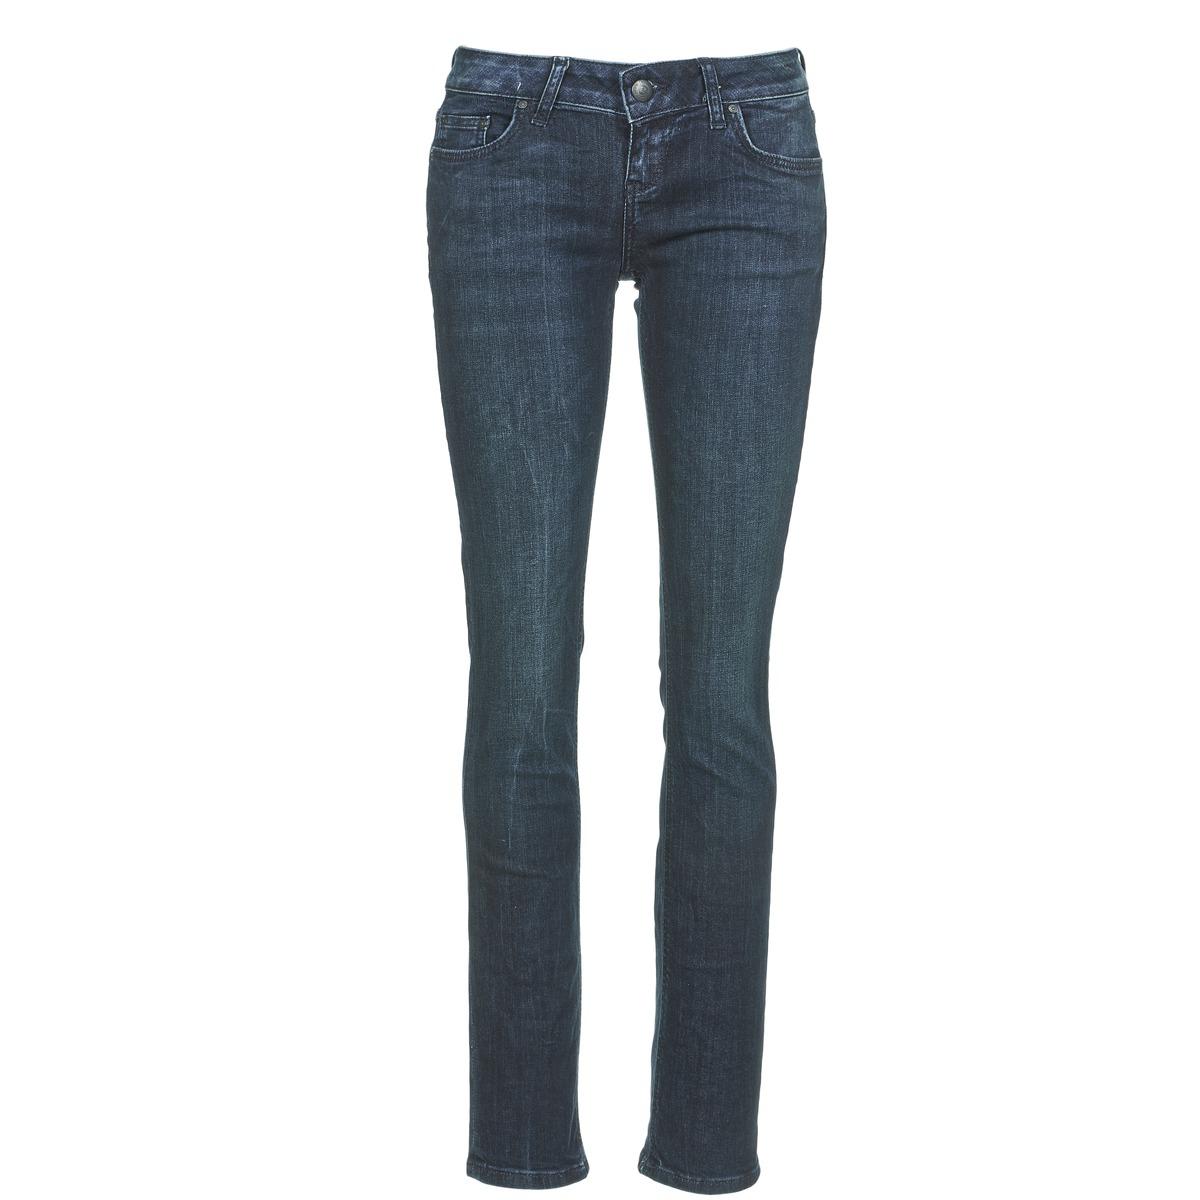 ltb aspen bleu fonc livraison gratuite avec v tements jeans droit femme 59 99. Black Bedroom Furniture Sets. Home Design Ideas